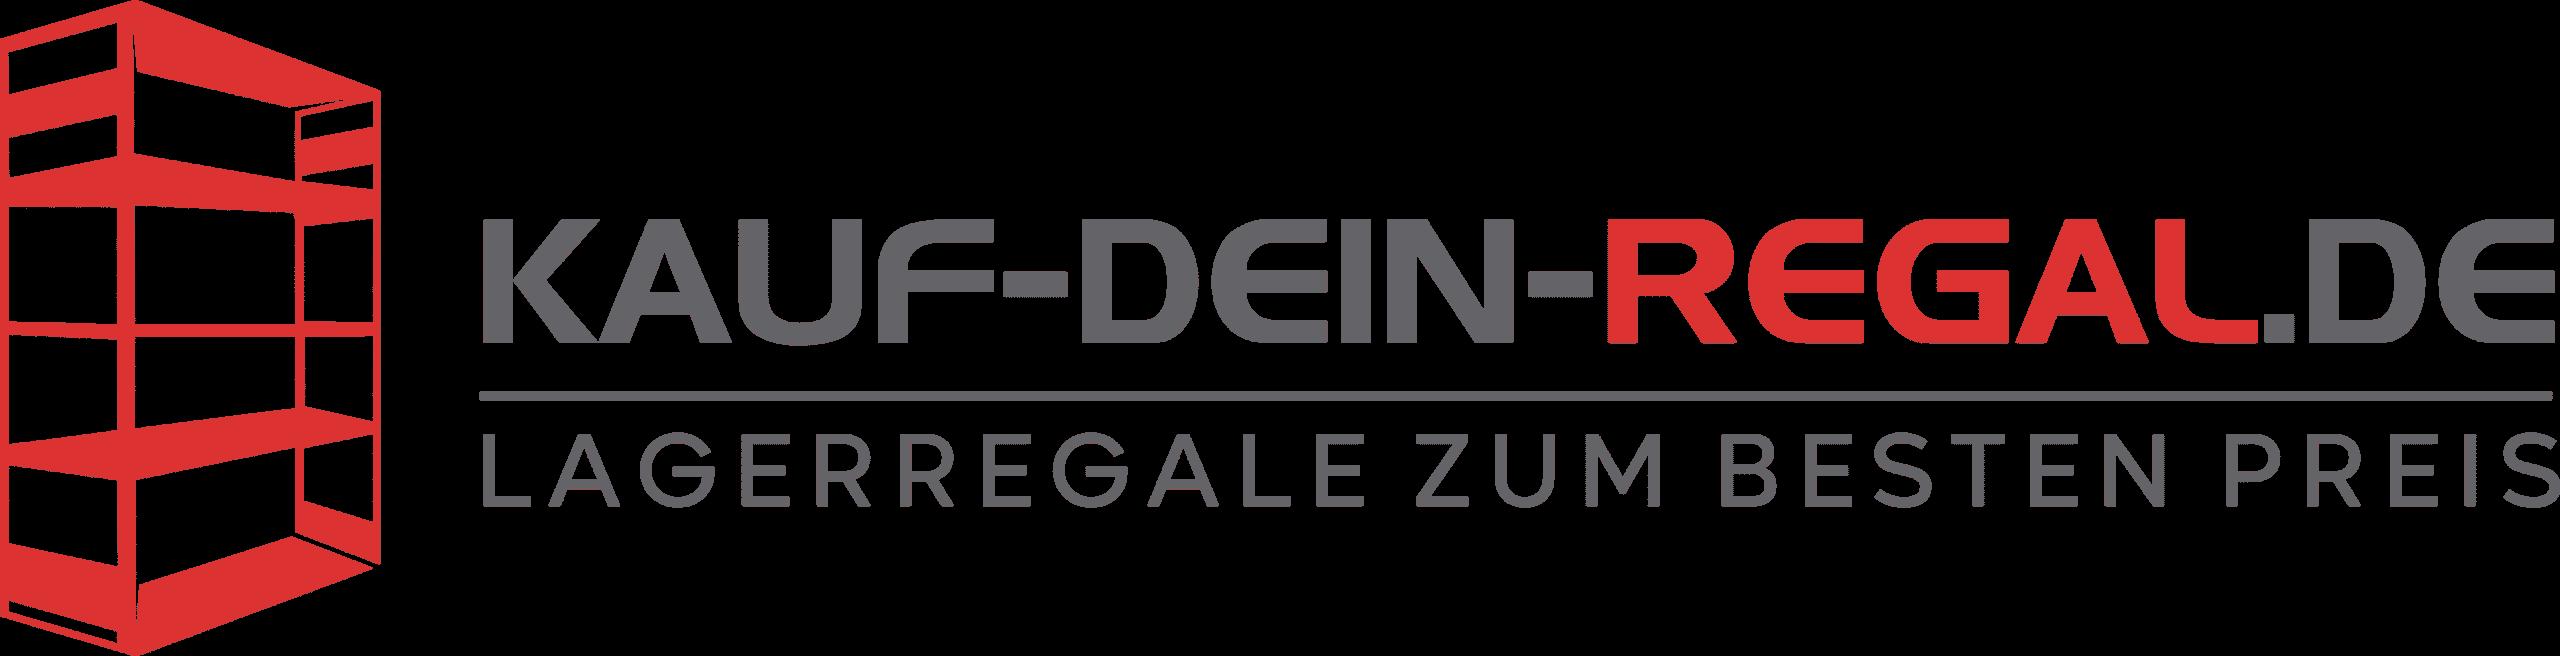 Kauf-dein-Regal.de - Lagerregale für die Industrie & Privat